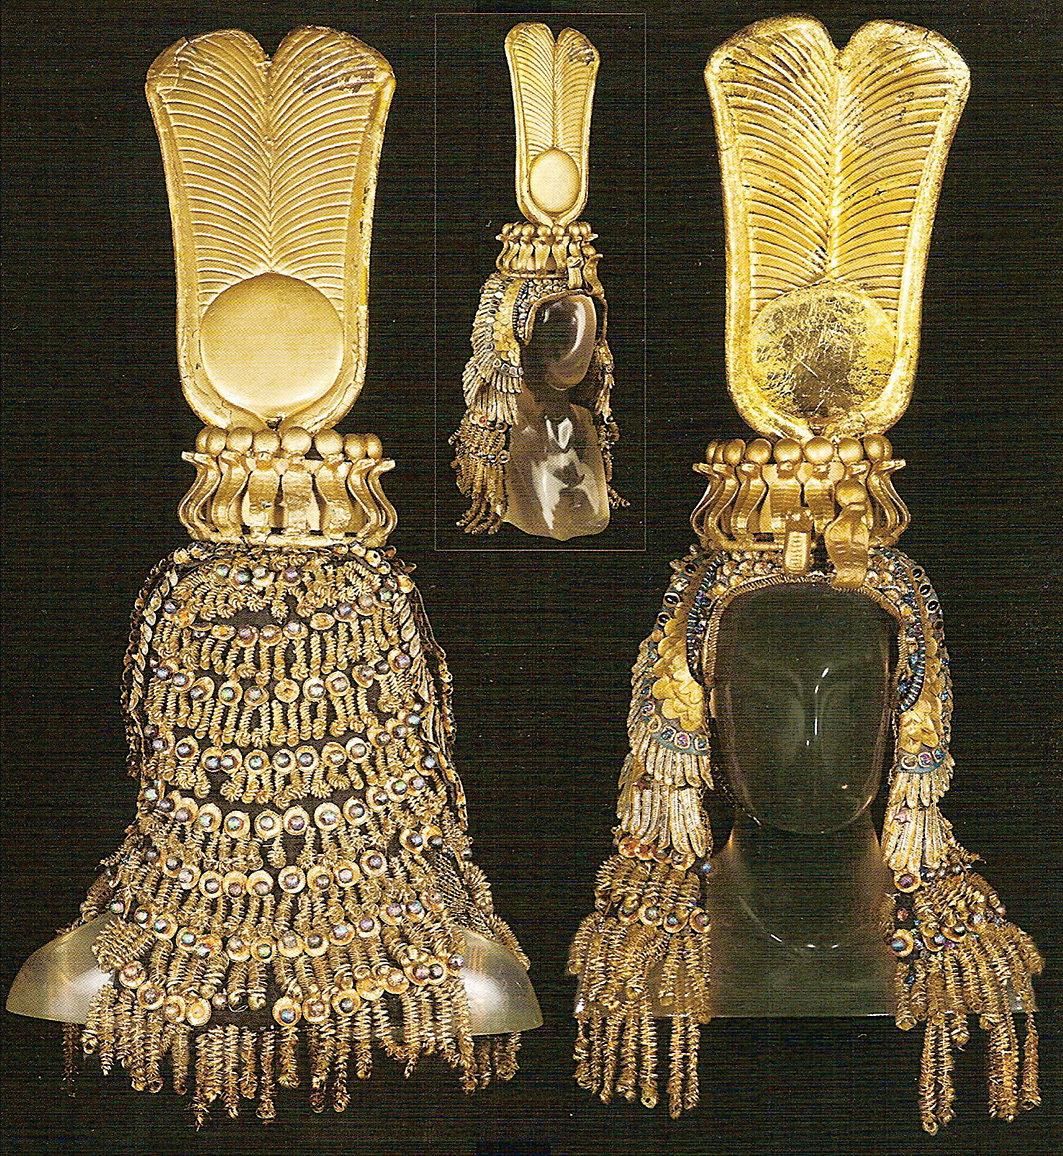 埃及豔后克利奧帕特拉的王冠。(網絡圖片)